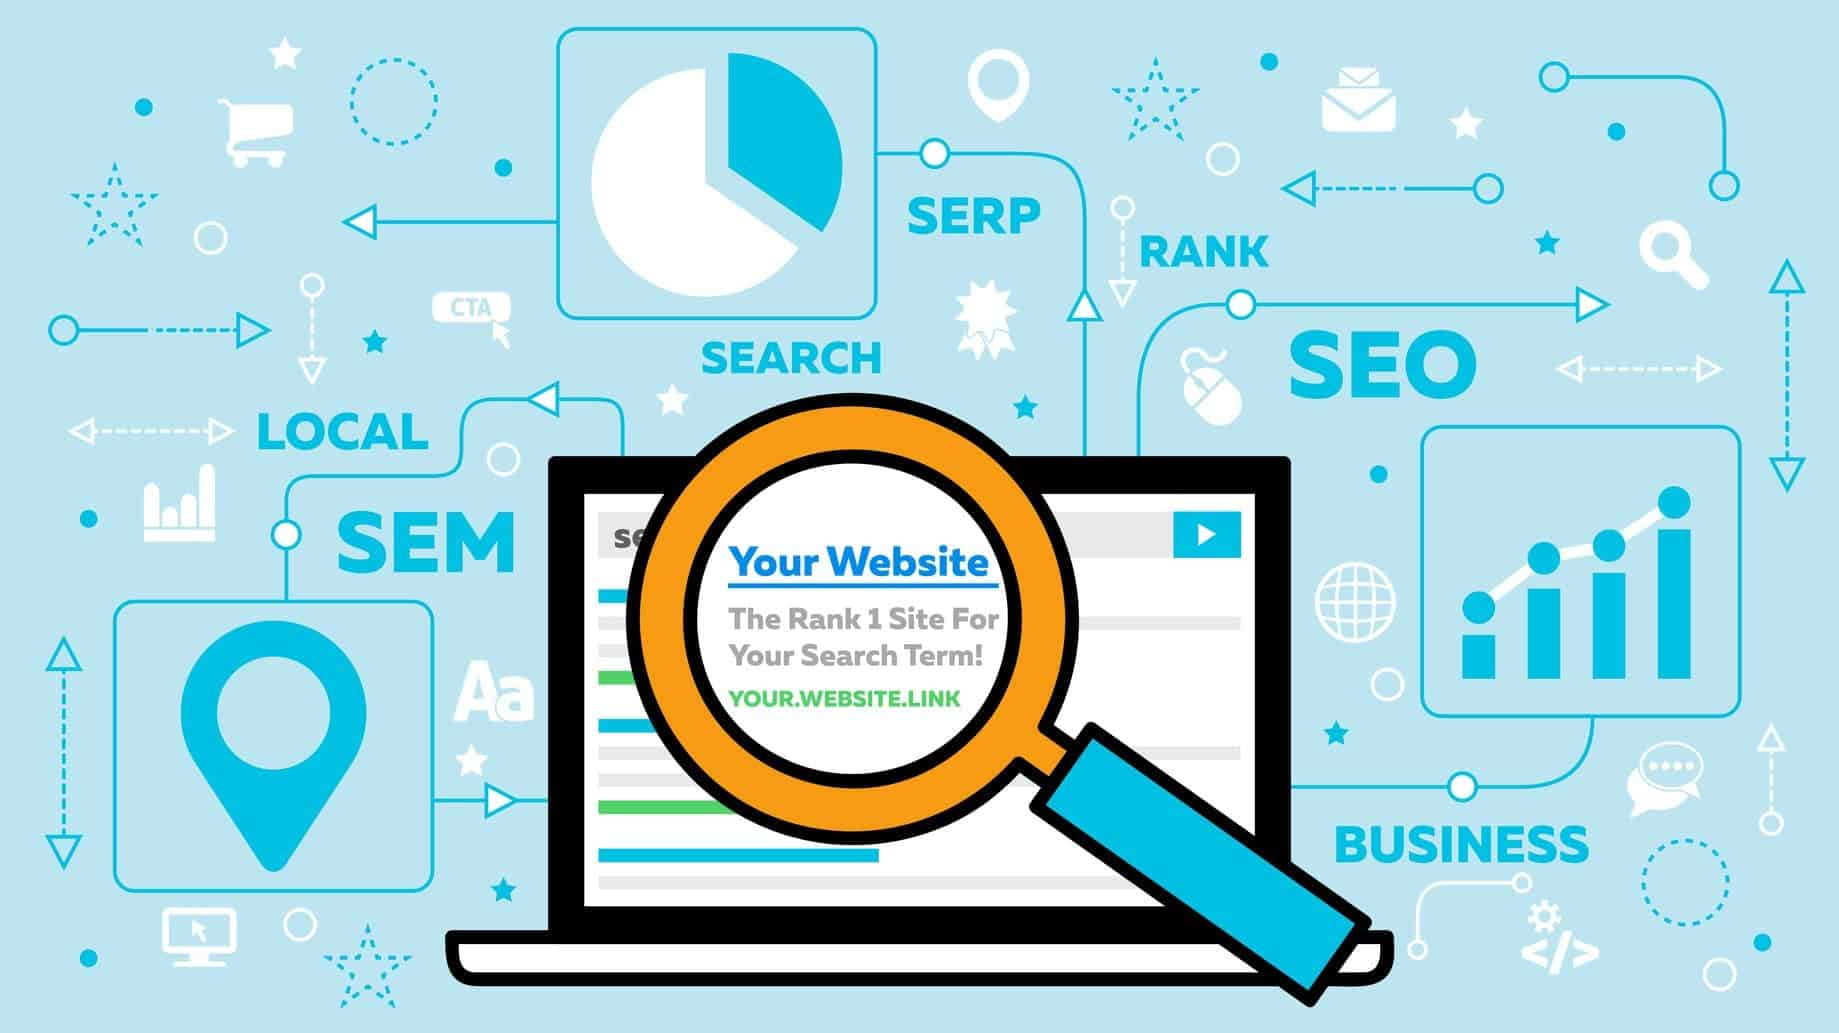 قائمة بأفضل وأقوى طرق تحسين ترتيب موقعك الإلكتروني